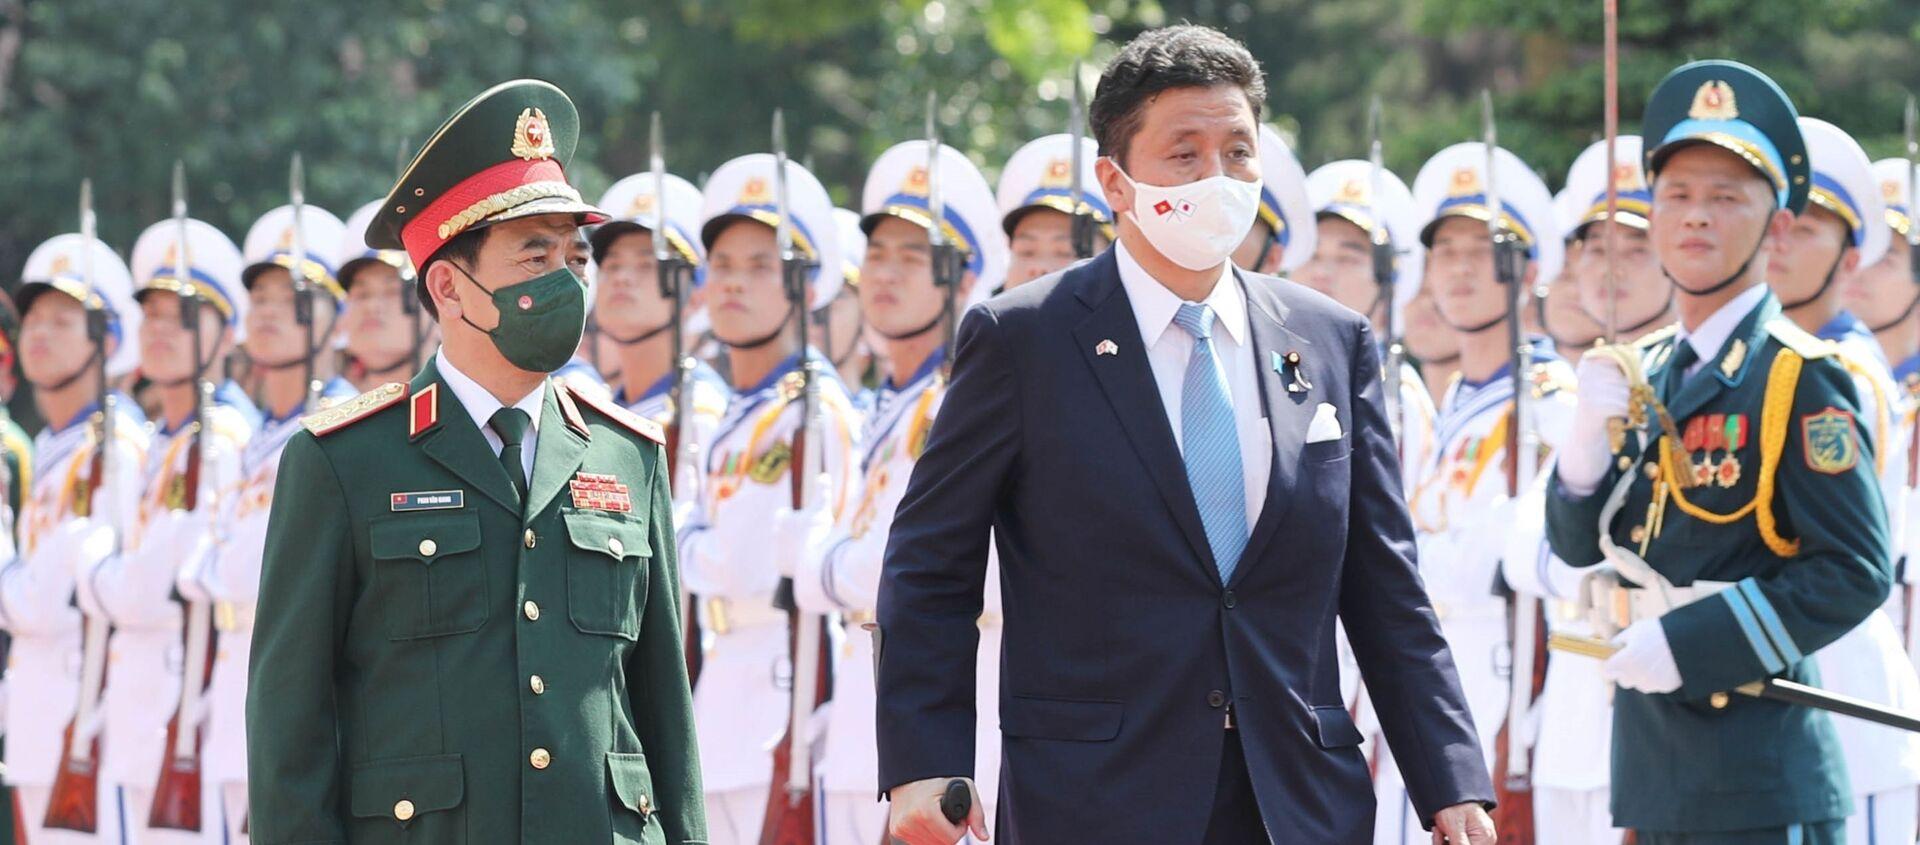 Đại tướng, Bộ trưởng Quốc phòng Phan Văn Giang và Bộ trưởng Quốc phòng Nhật Bản Kishi Nobuo duyệt đội Danh dự QĐND Việt Nam tại lễ đón - Sputnik Việt Nam, 1920, 13.09.2021